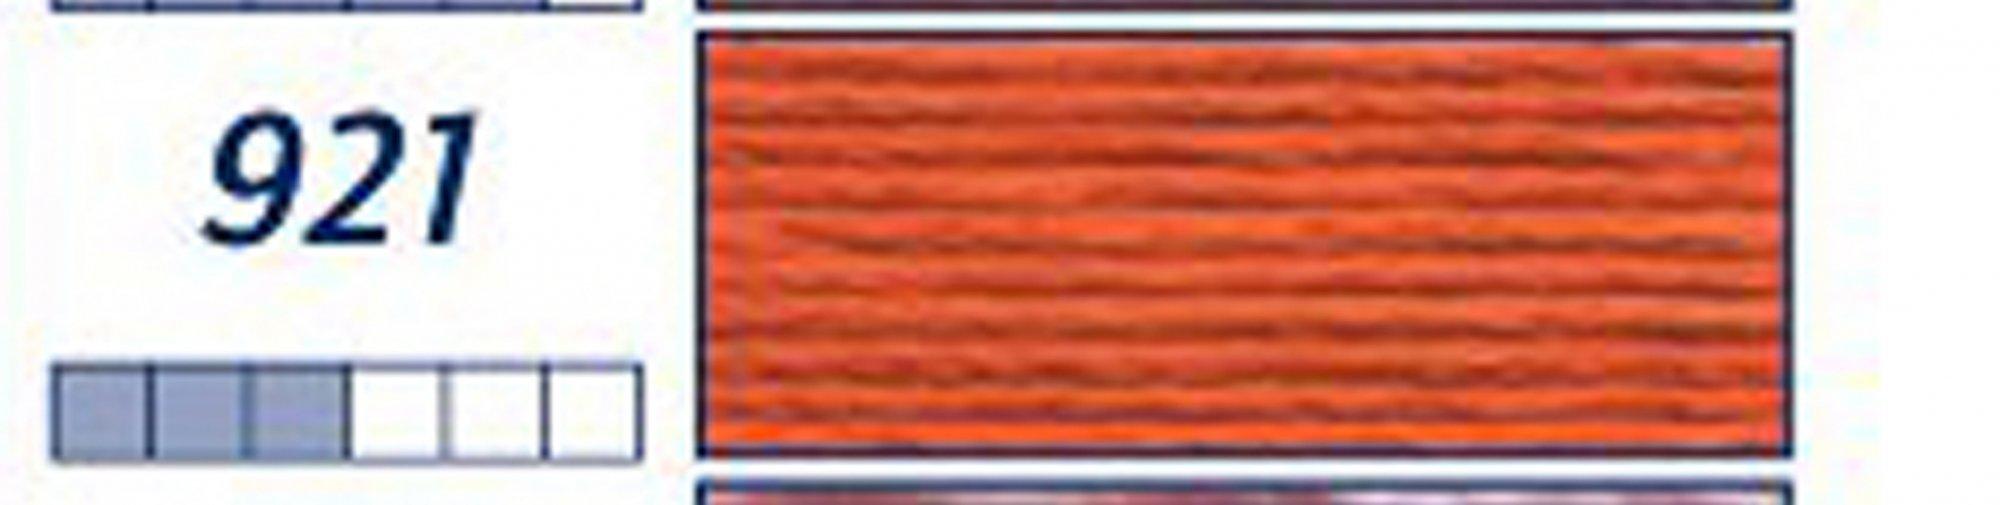 DP3-921-COPPER